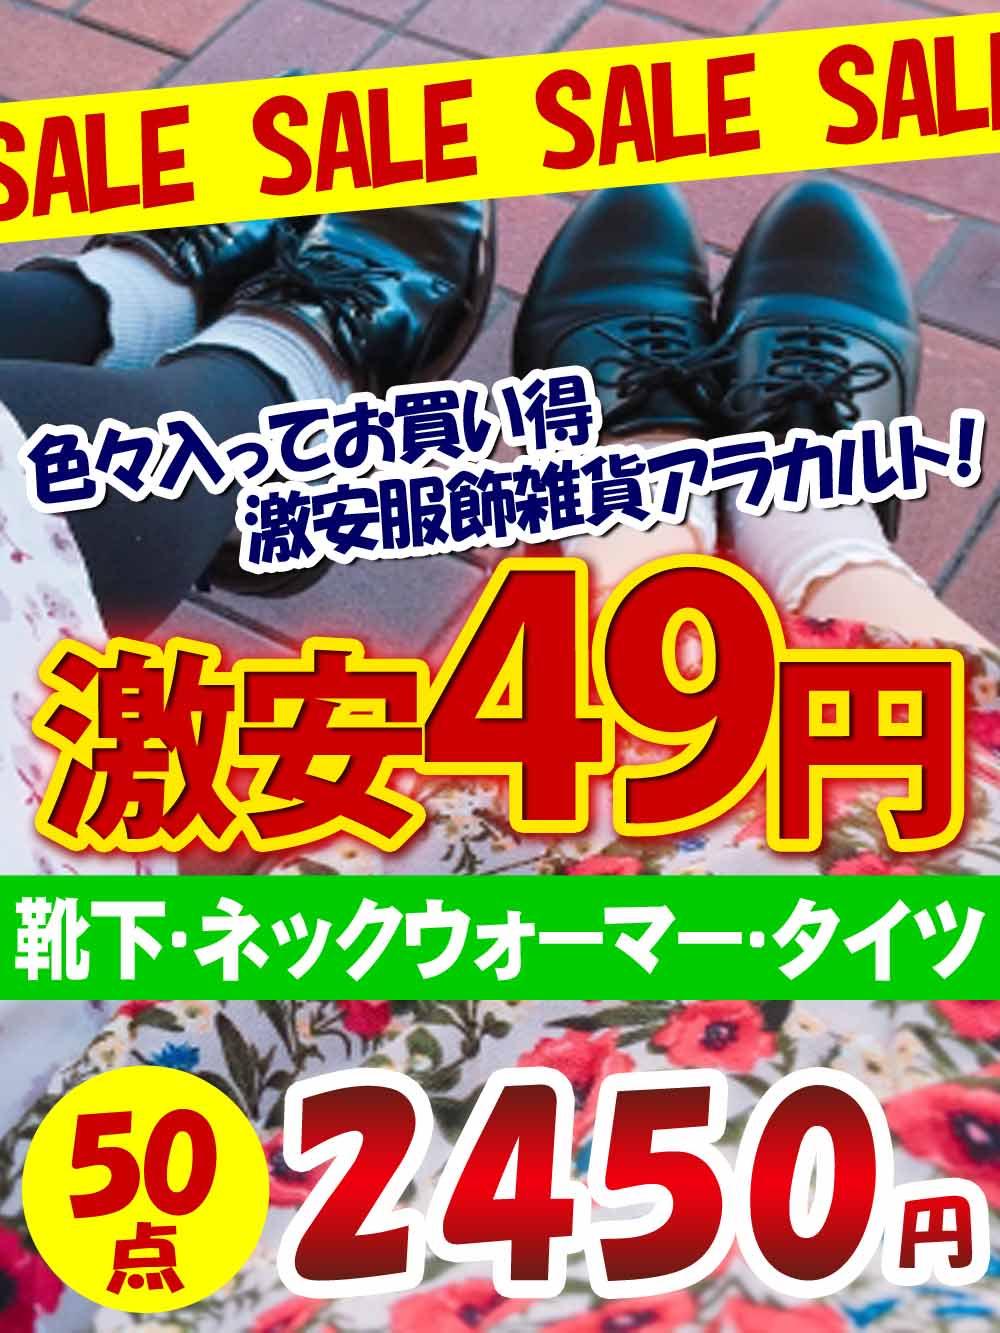 【ALL59円】靴下・ネックウォーマー・タイツ 秋冬物アラカルト100点@59円